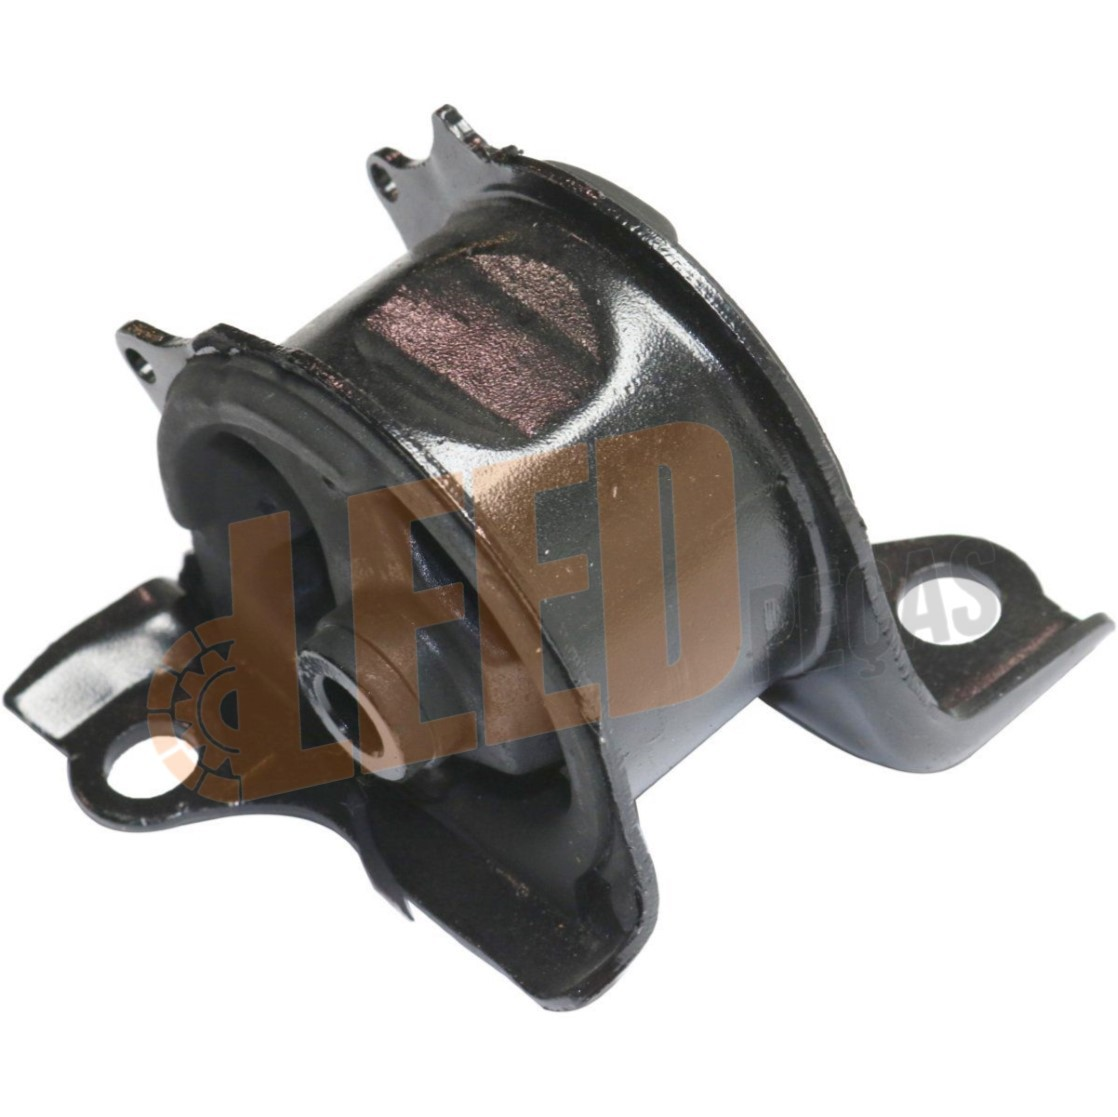 Coxim Motor Traseiro Direito Civic 1.6 Crv 2.0 1995 1996 1997 1998 1999 2000 2001 Automático